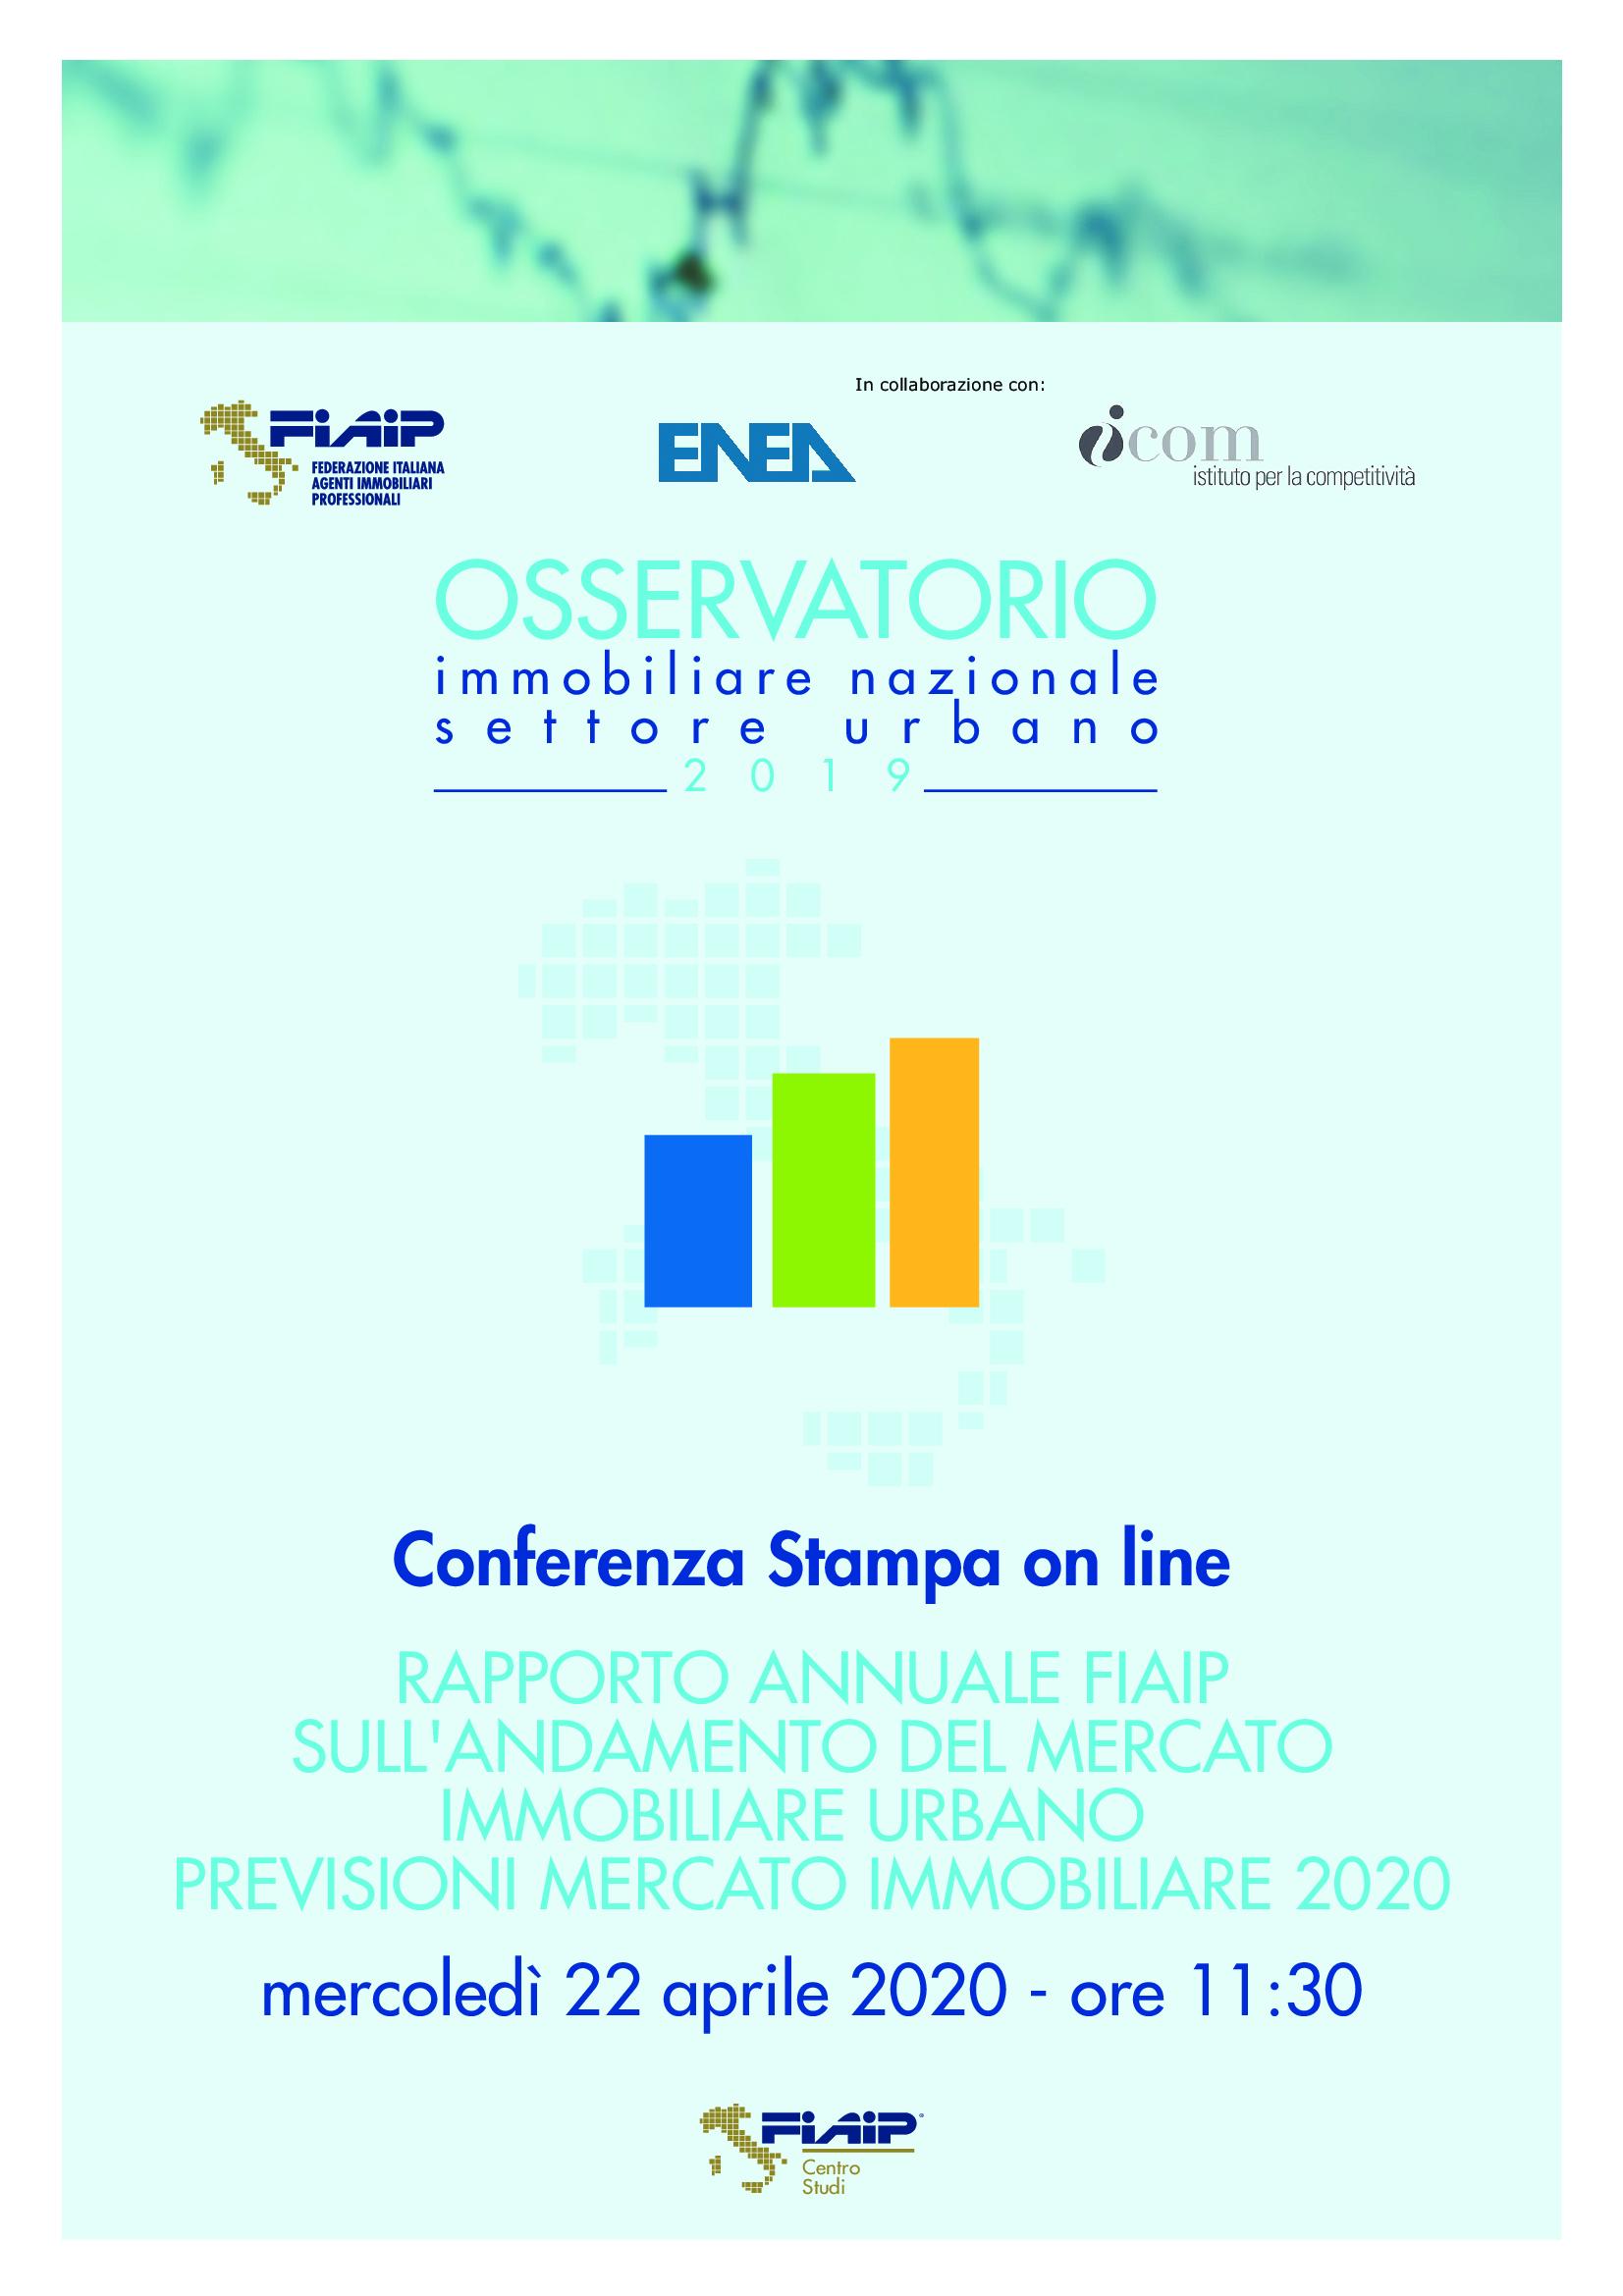 Conferenza Stampa: Mercoledì 22 alle ore 11.30 Fiaip Enea ed Icom presentano il Rapporto Annuale sull'andamento del mercato immobiliare urbano e le previsioni di mercato